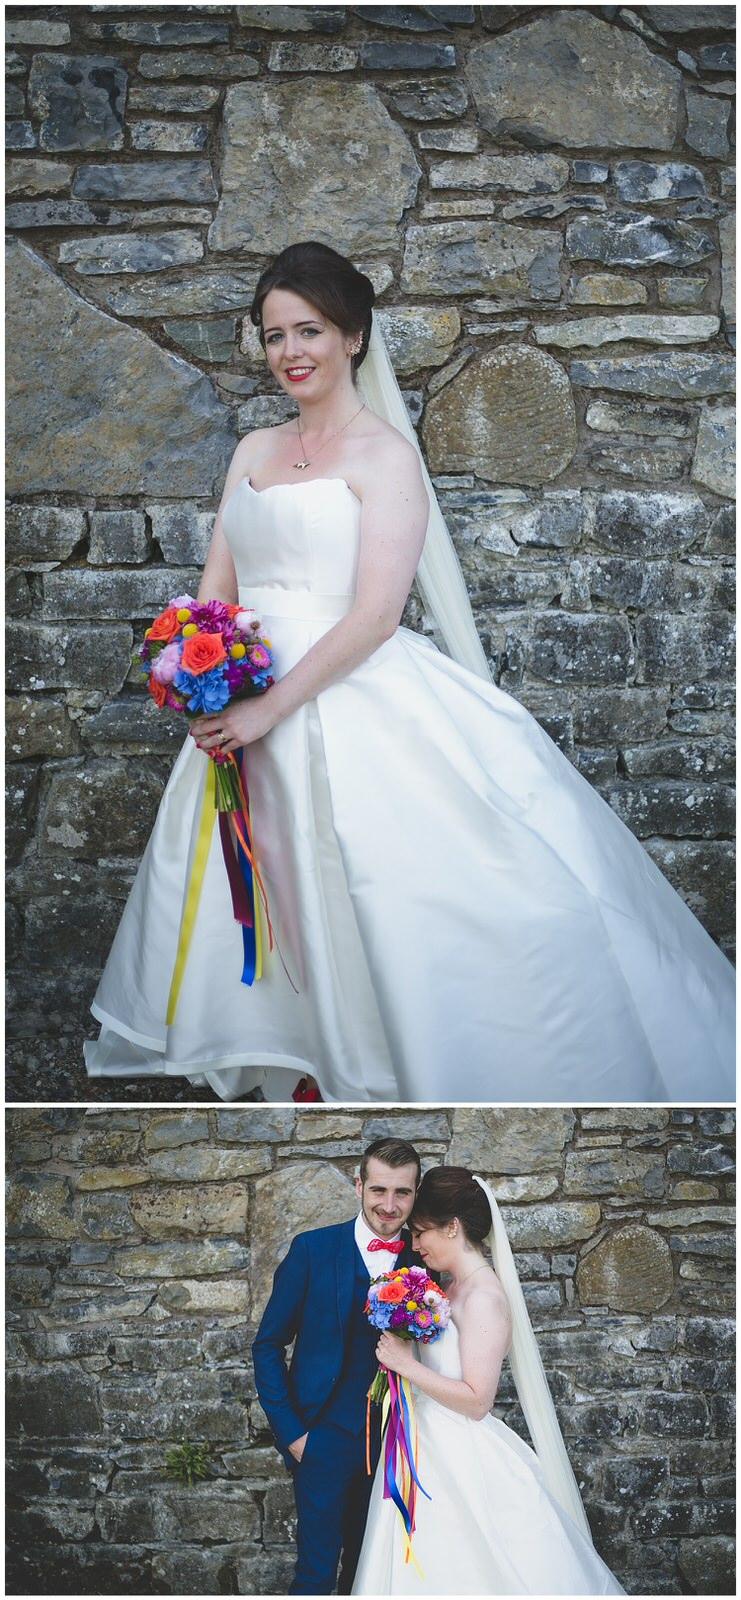 Irish wedding photographer - Wild Things Wed